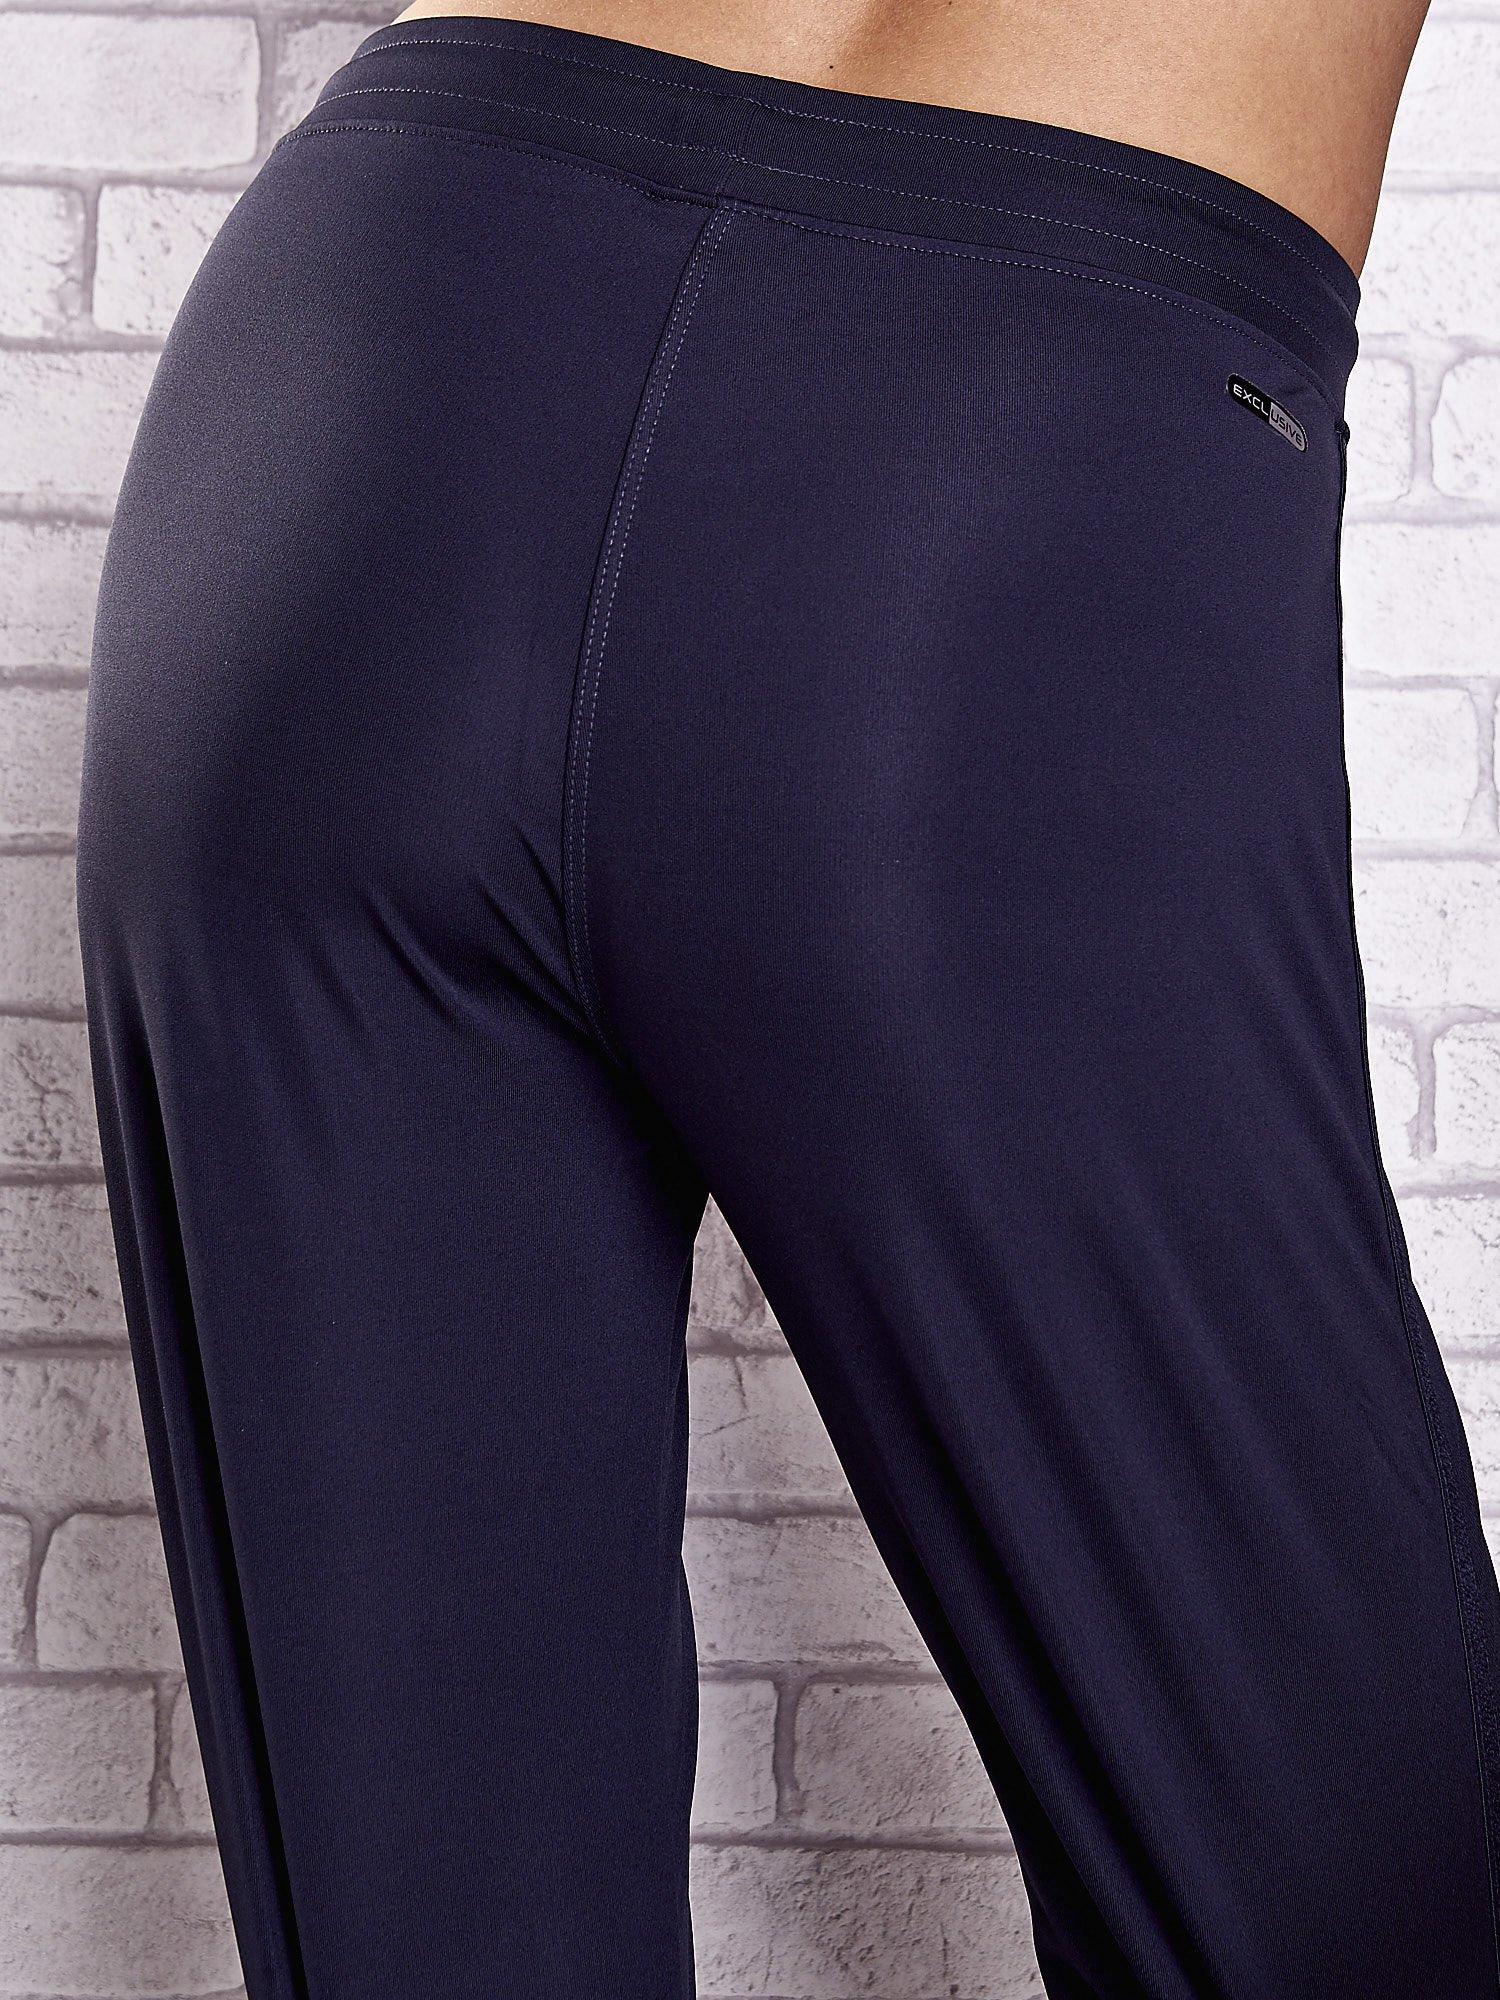 Grafitowe spodnie dresowe z dżetami i troczkami PLUS SIZE                                  zdj.                                  5